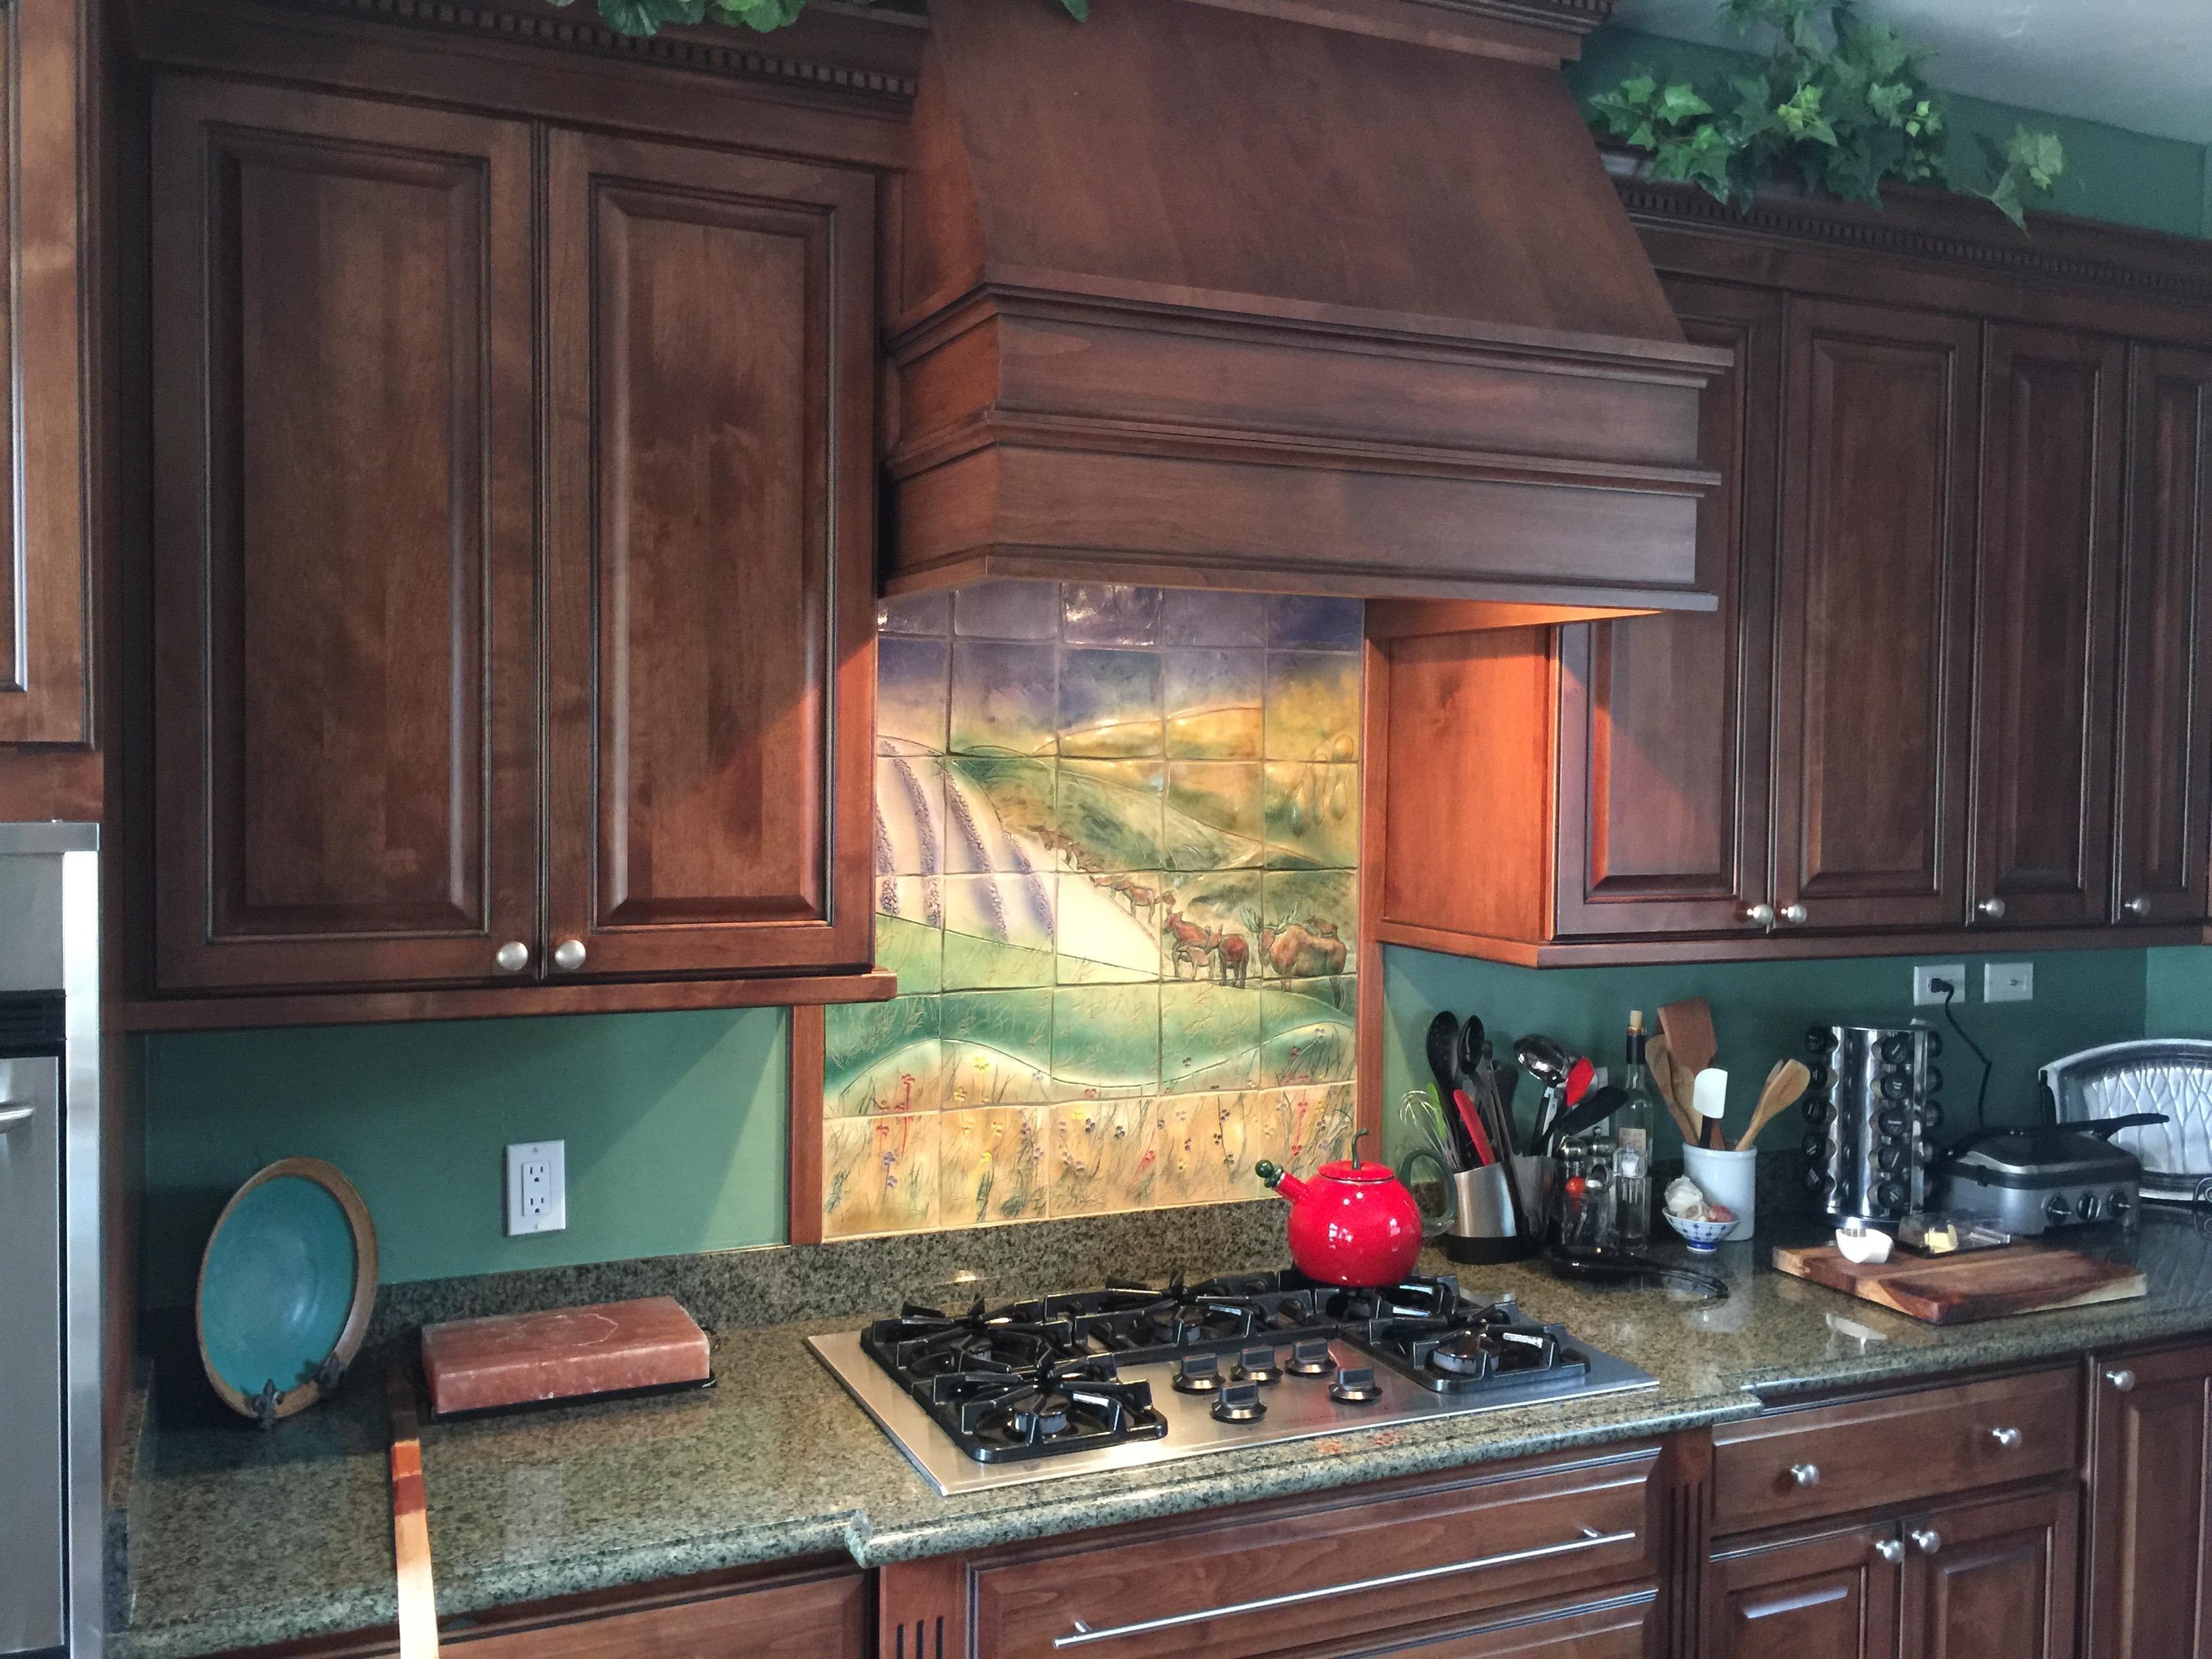 Custom Kitchen Backsplash: Elk on the Range - a Blog Entry - Brenda ...